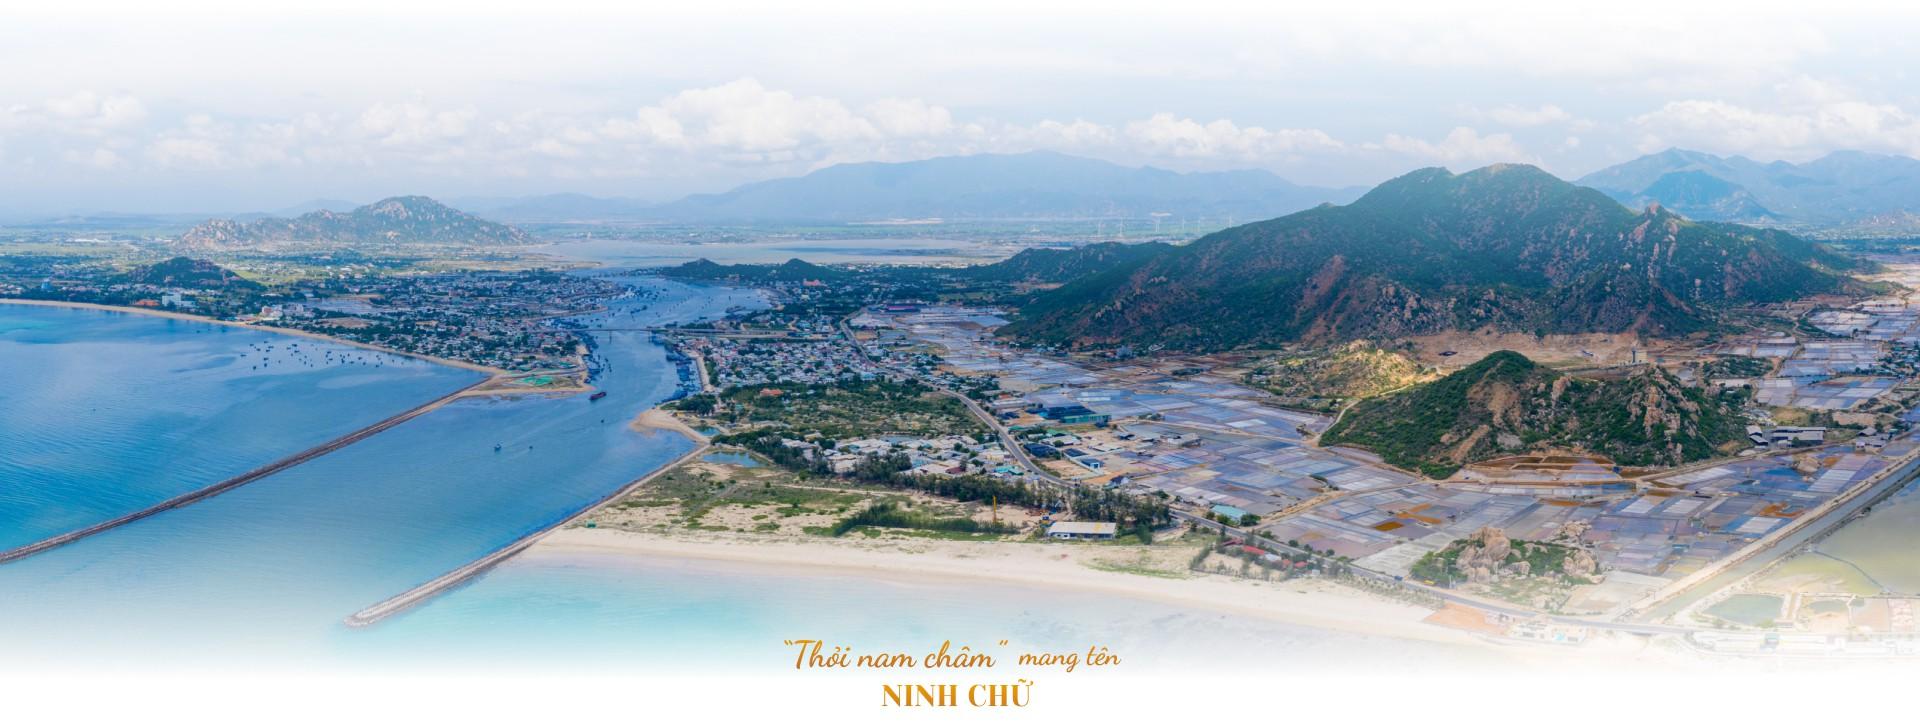 Vùng đất mới nâng tầm bất động sản du lịch - Ảnh 7.